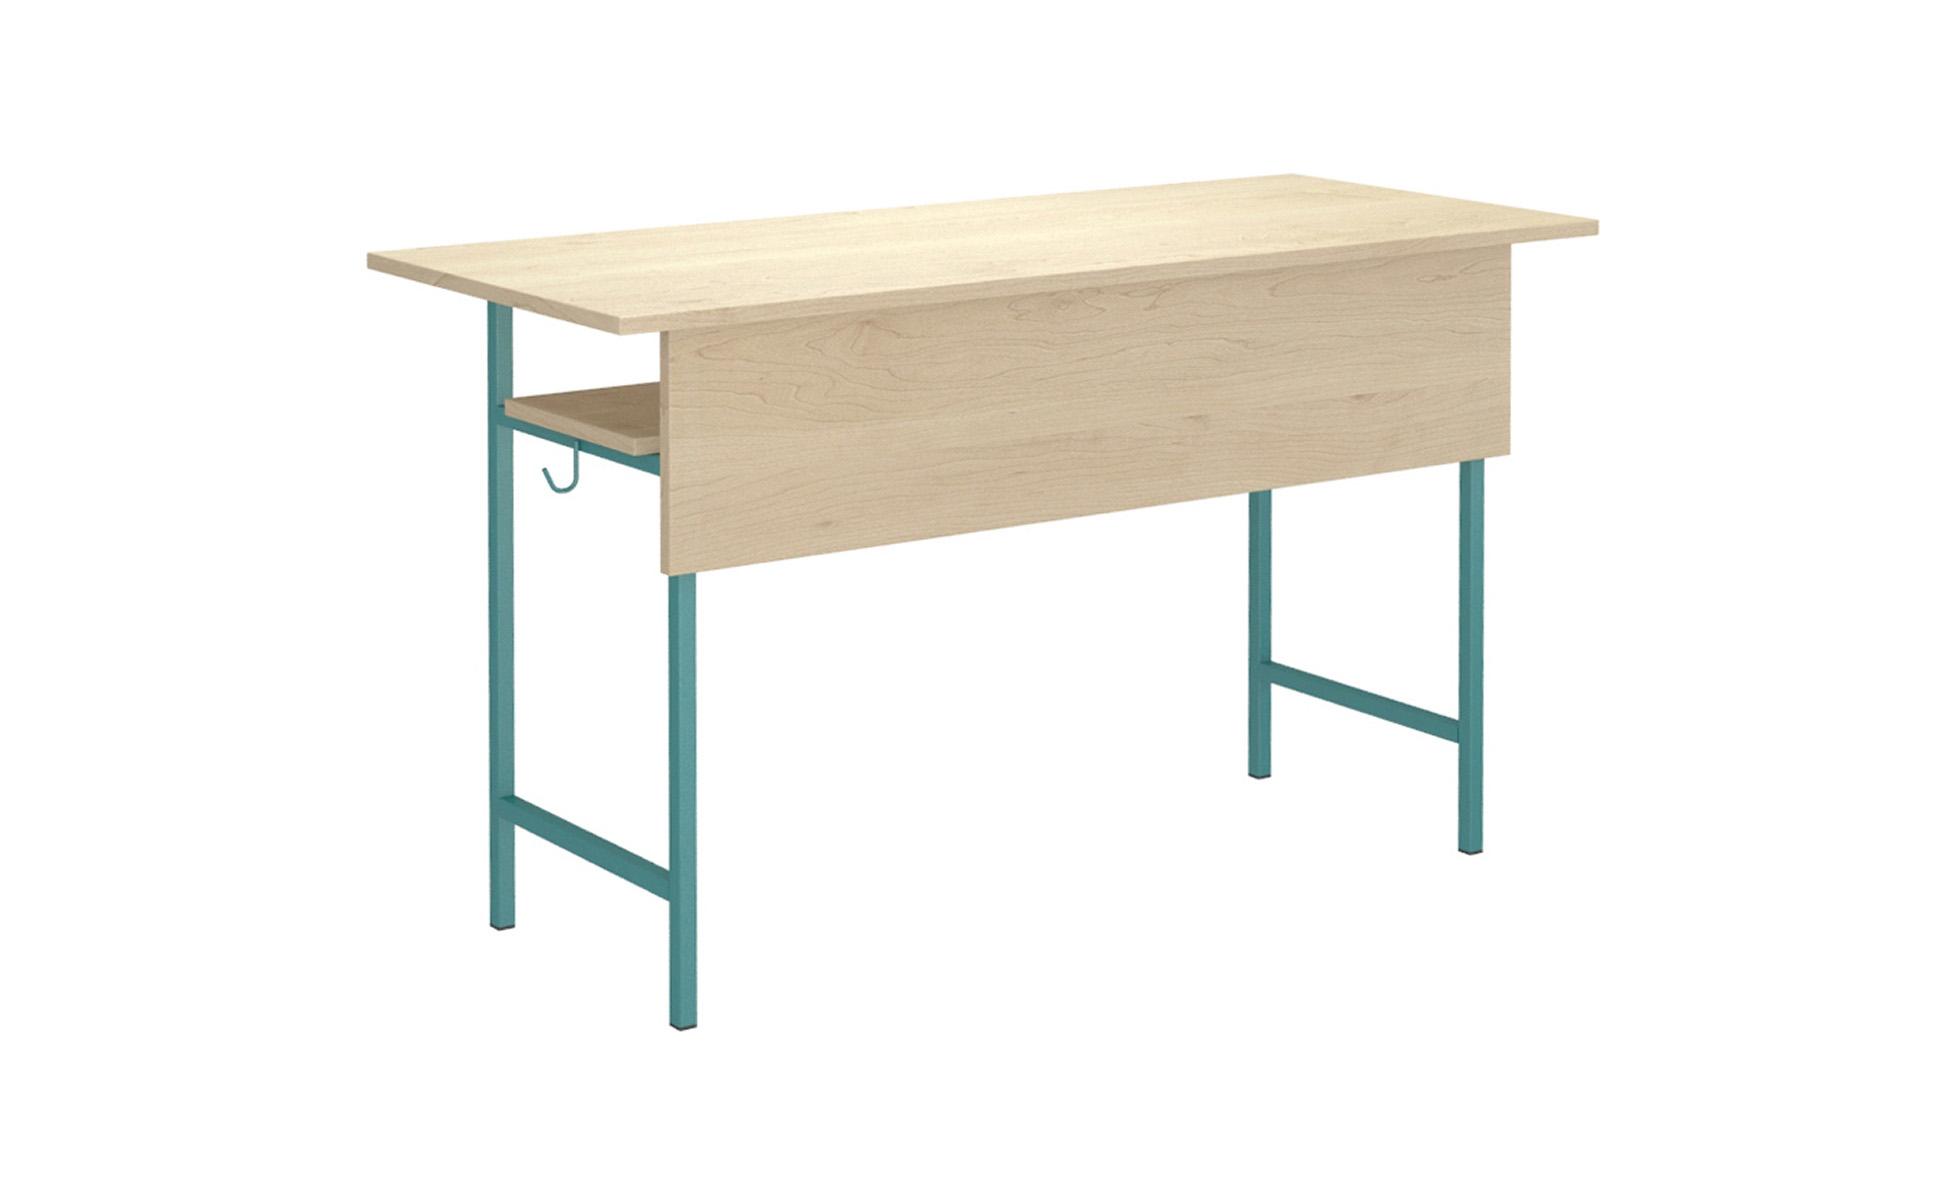 N.csővázas tanuló asztal Iskolabútor